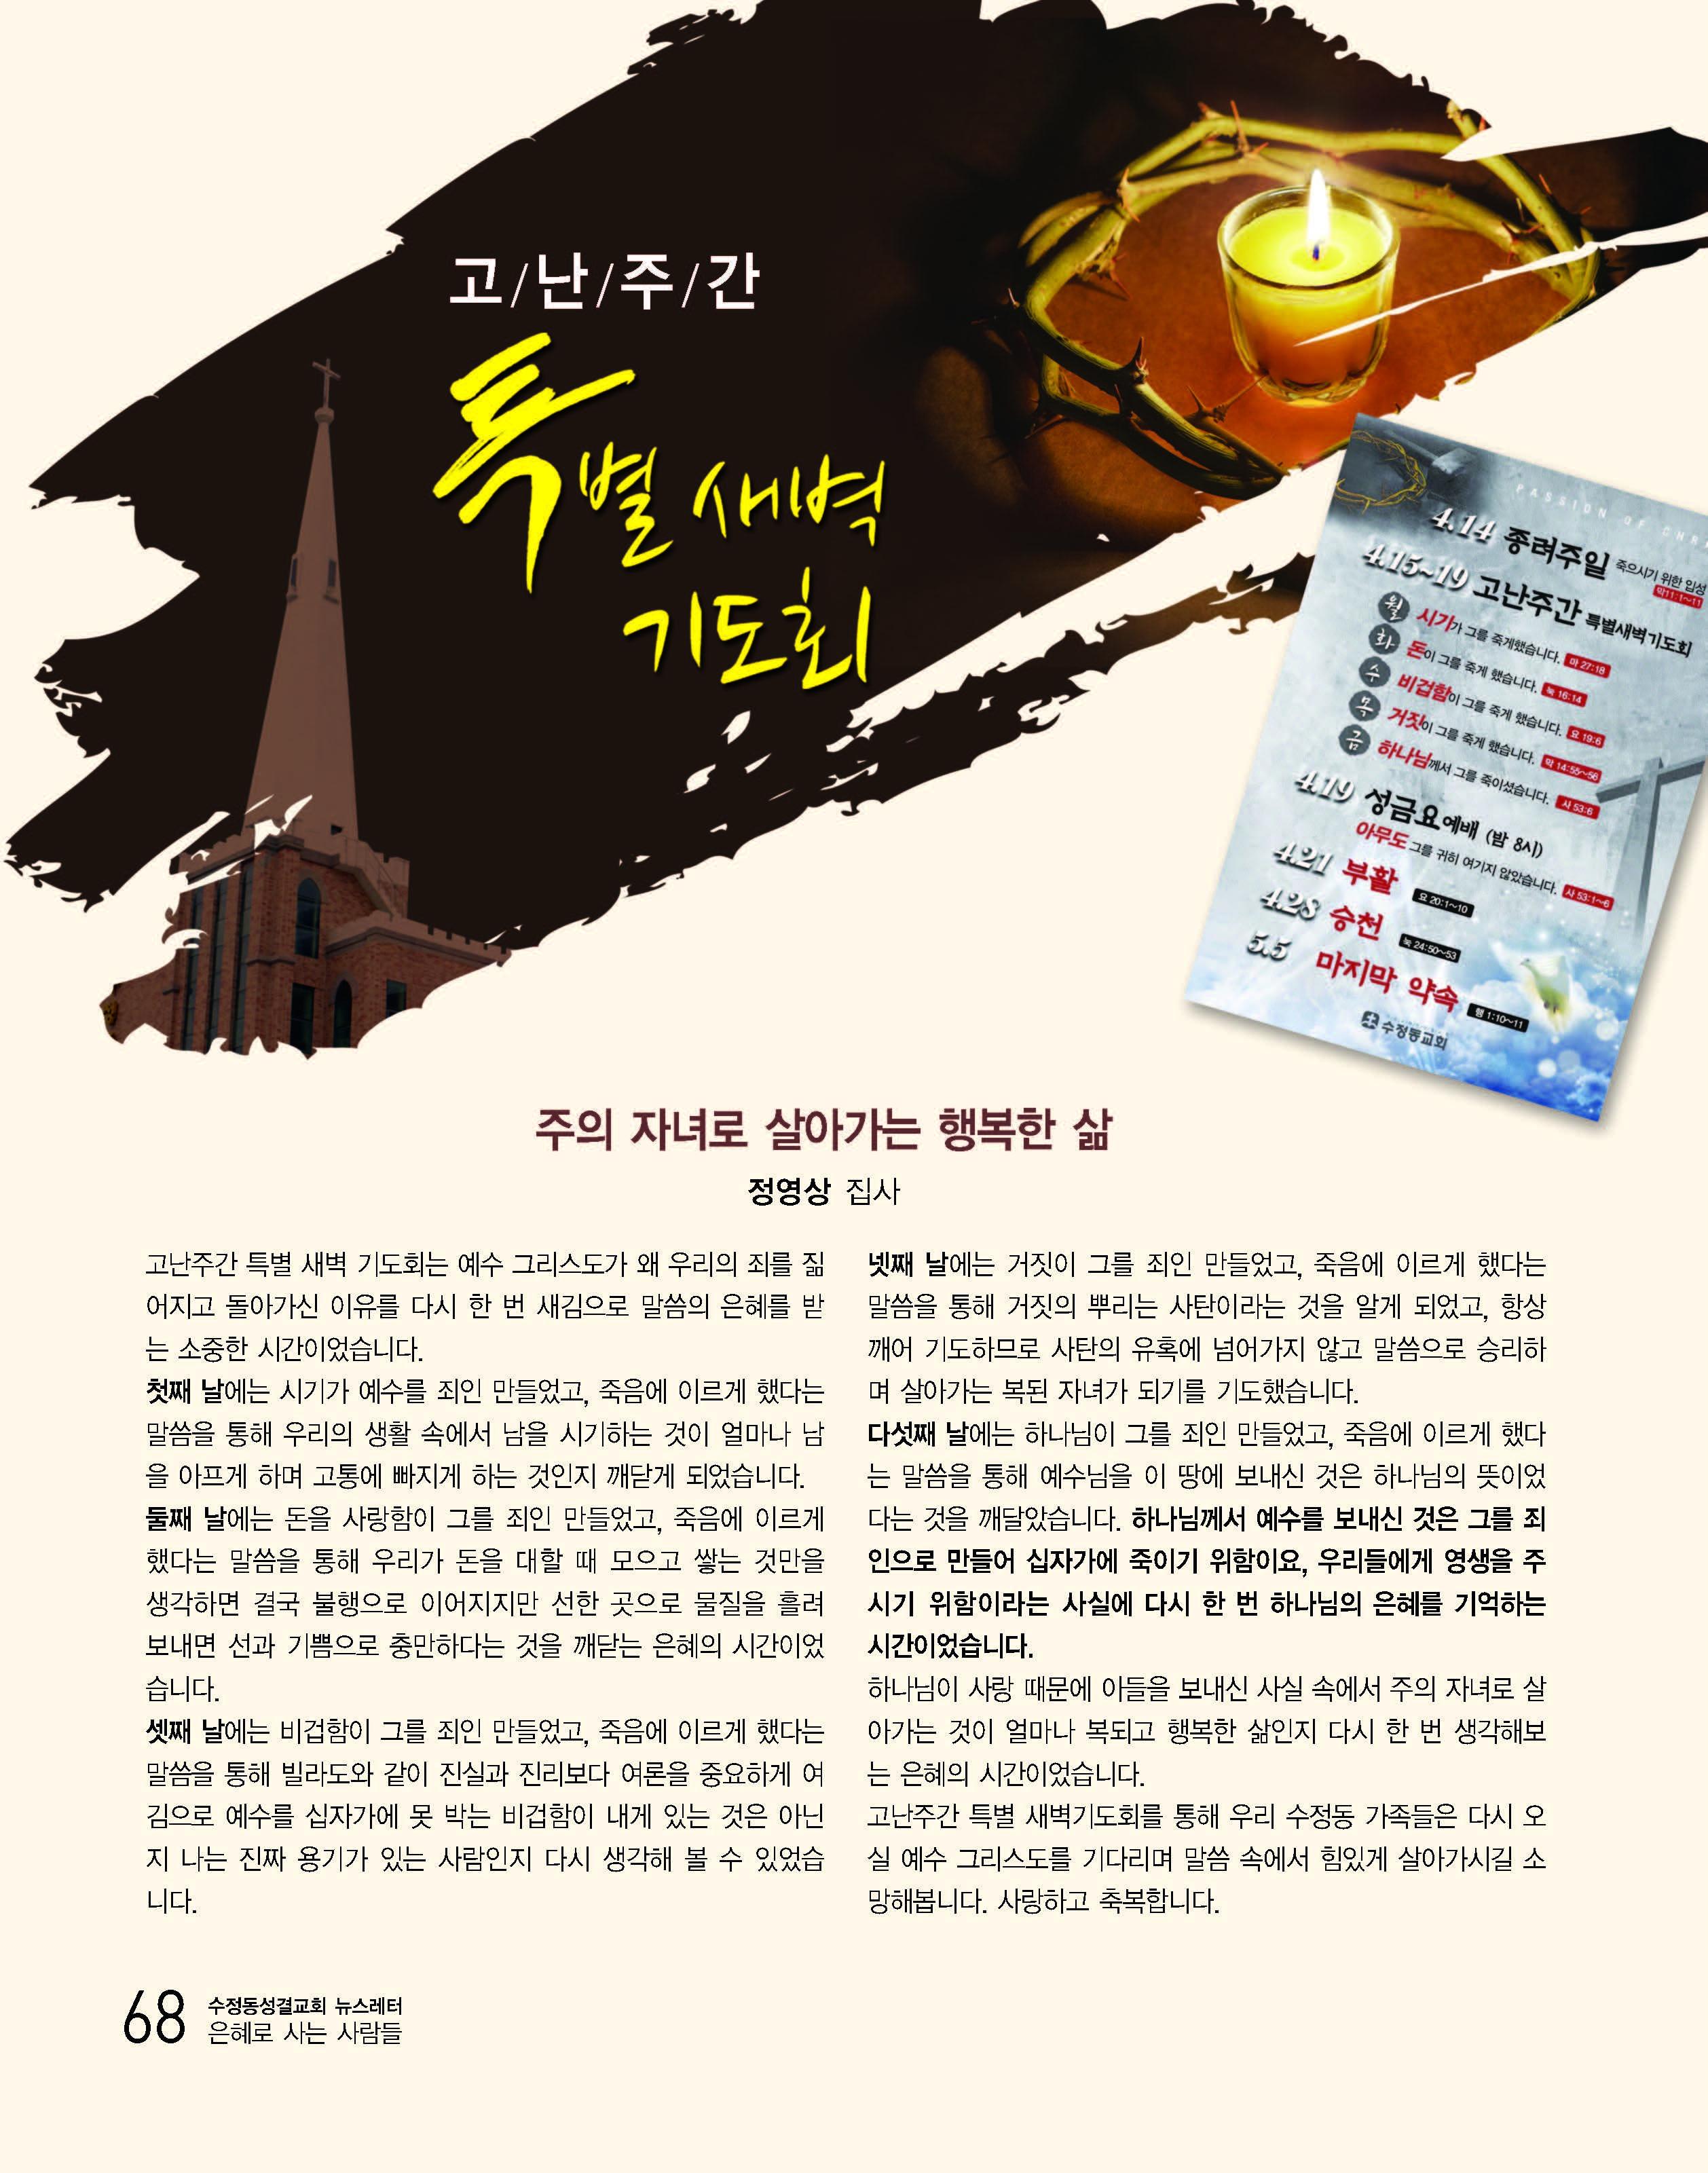 은혜로25홈피용_Page_68.jpg